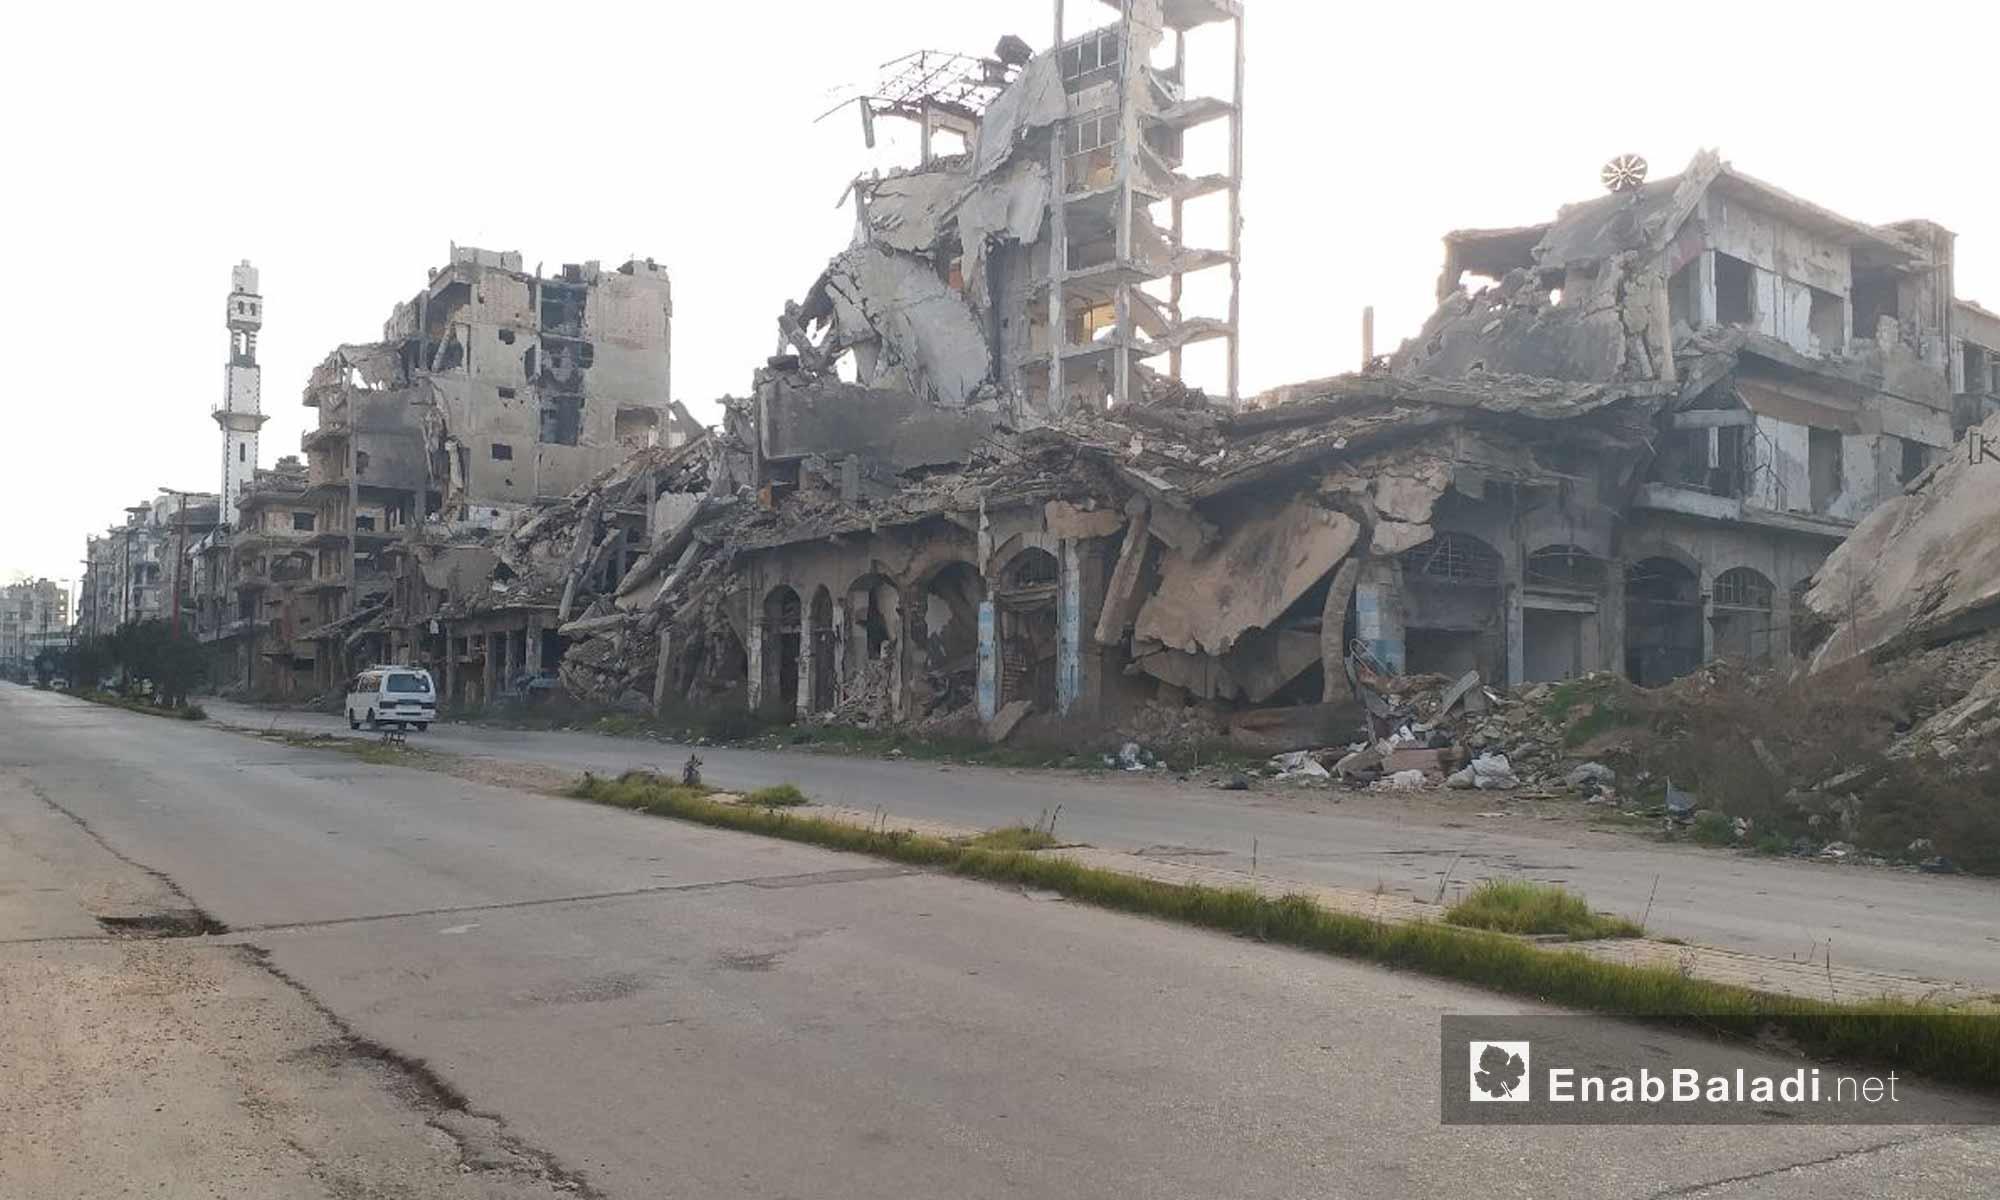 حي القصور في مدينة حمص - 24 من كانون الثاني 2019 (عنب بلدي)